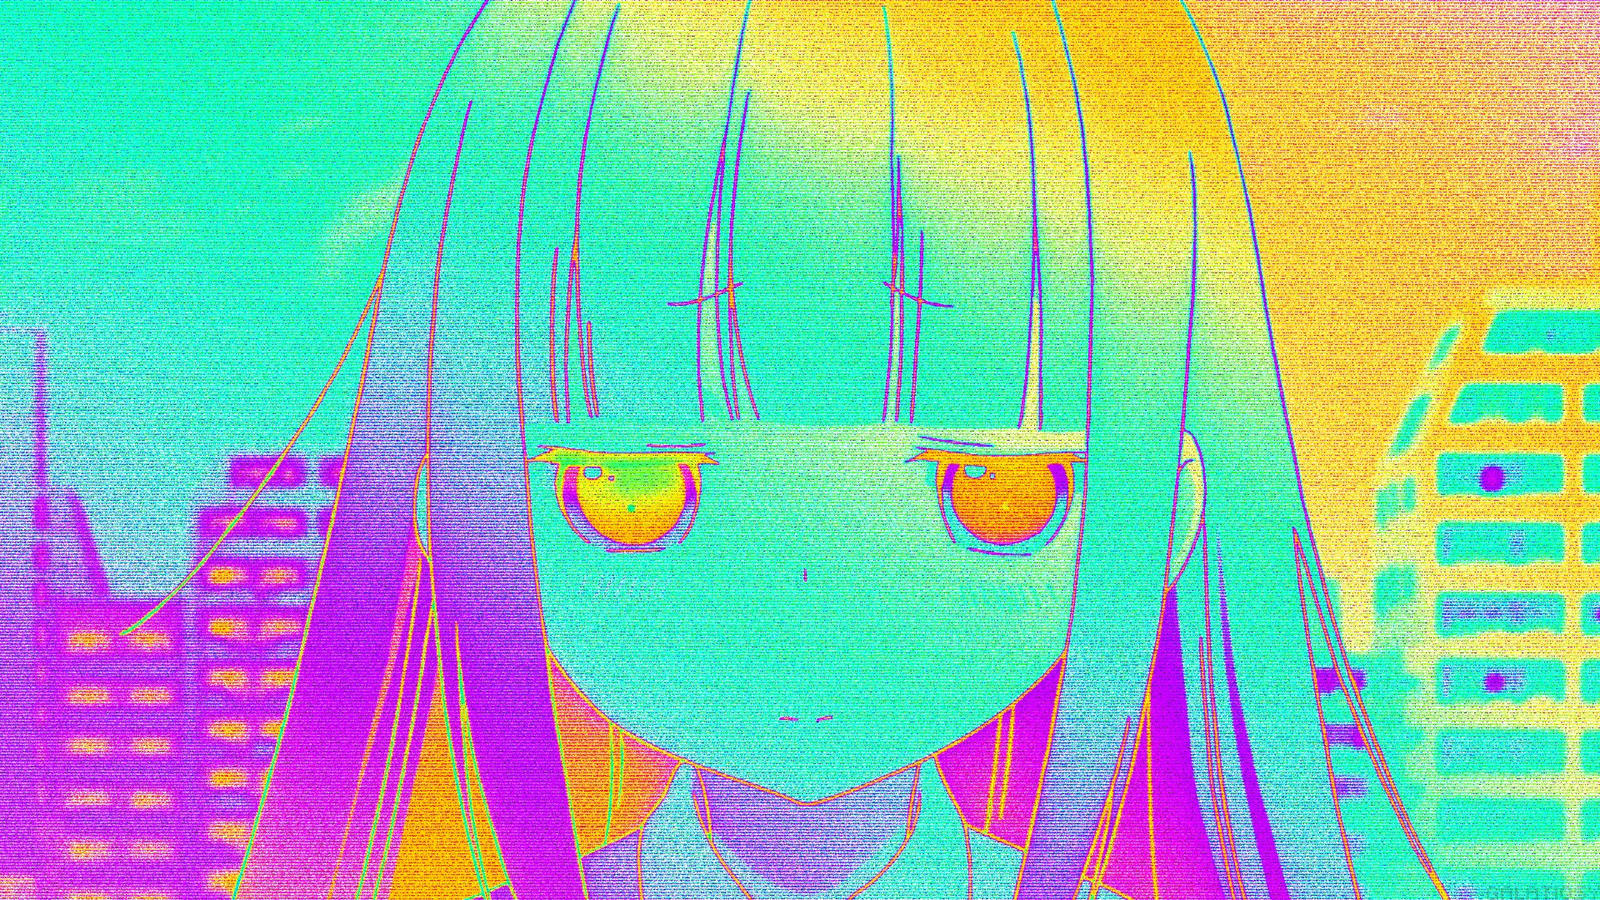 Cute Anime Girl Aesthetic 8k Ultra Hd Wallpaper By Galatios On Deviantart